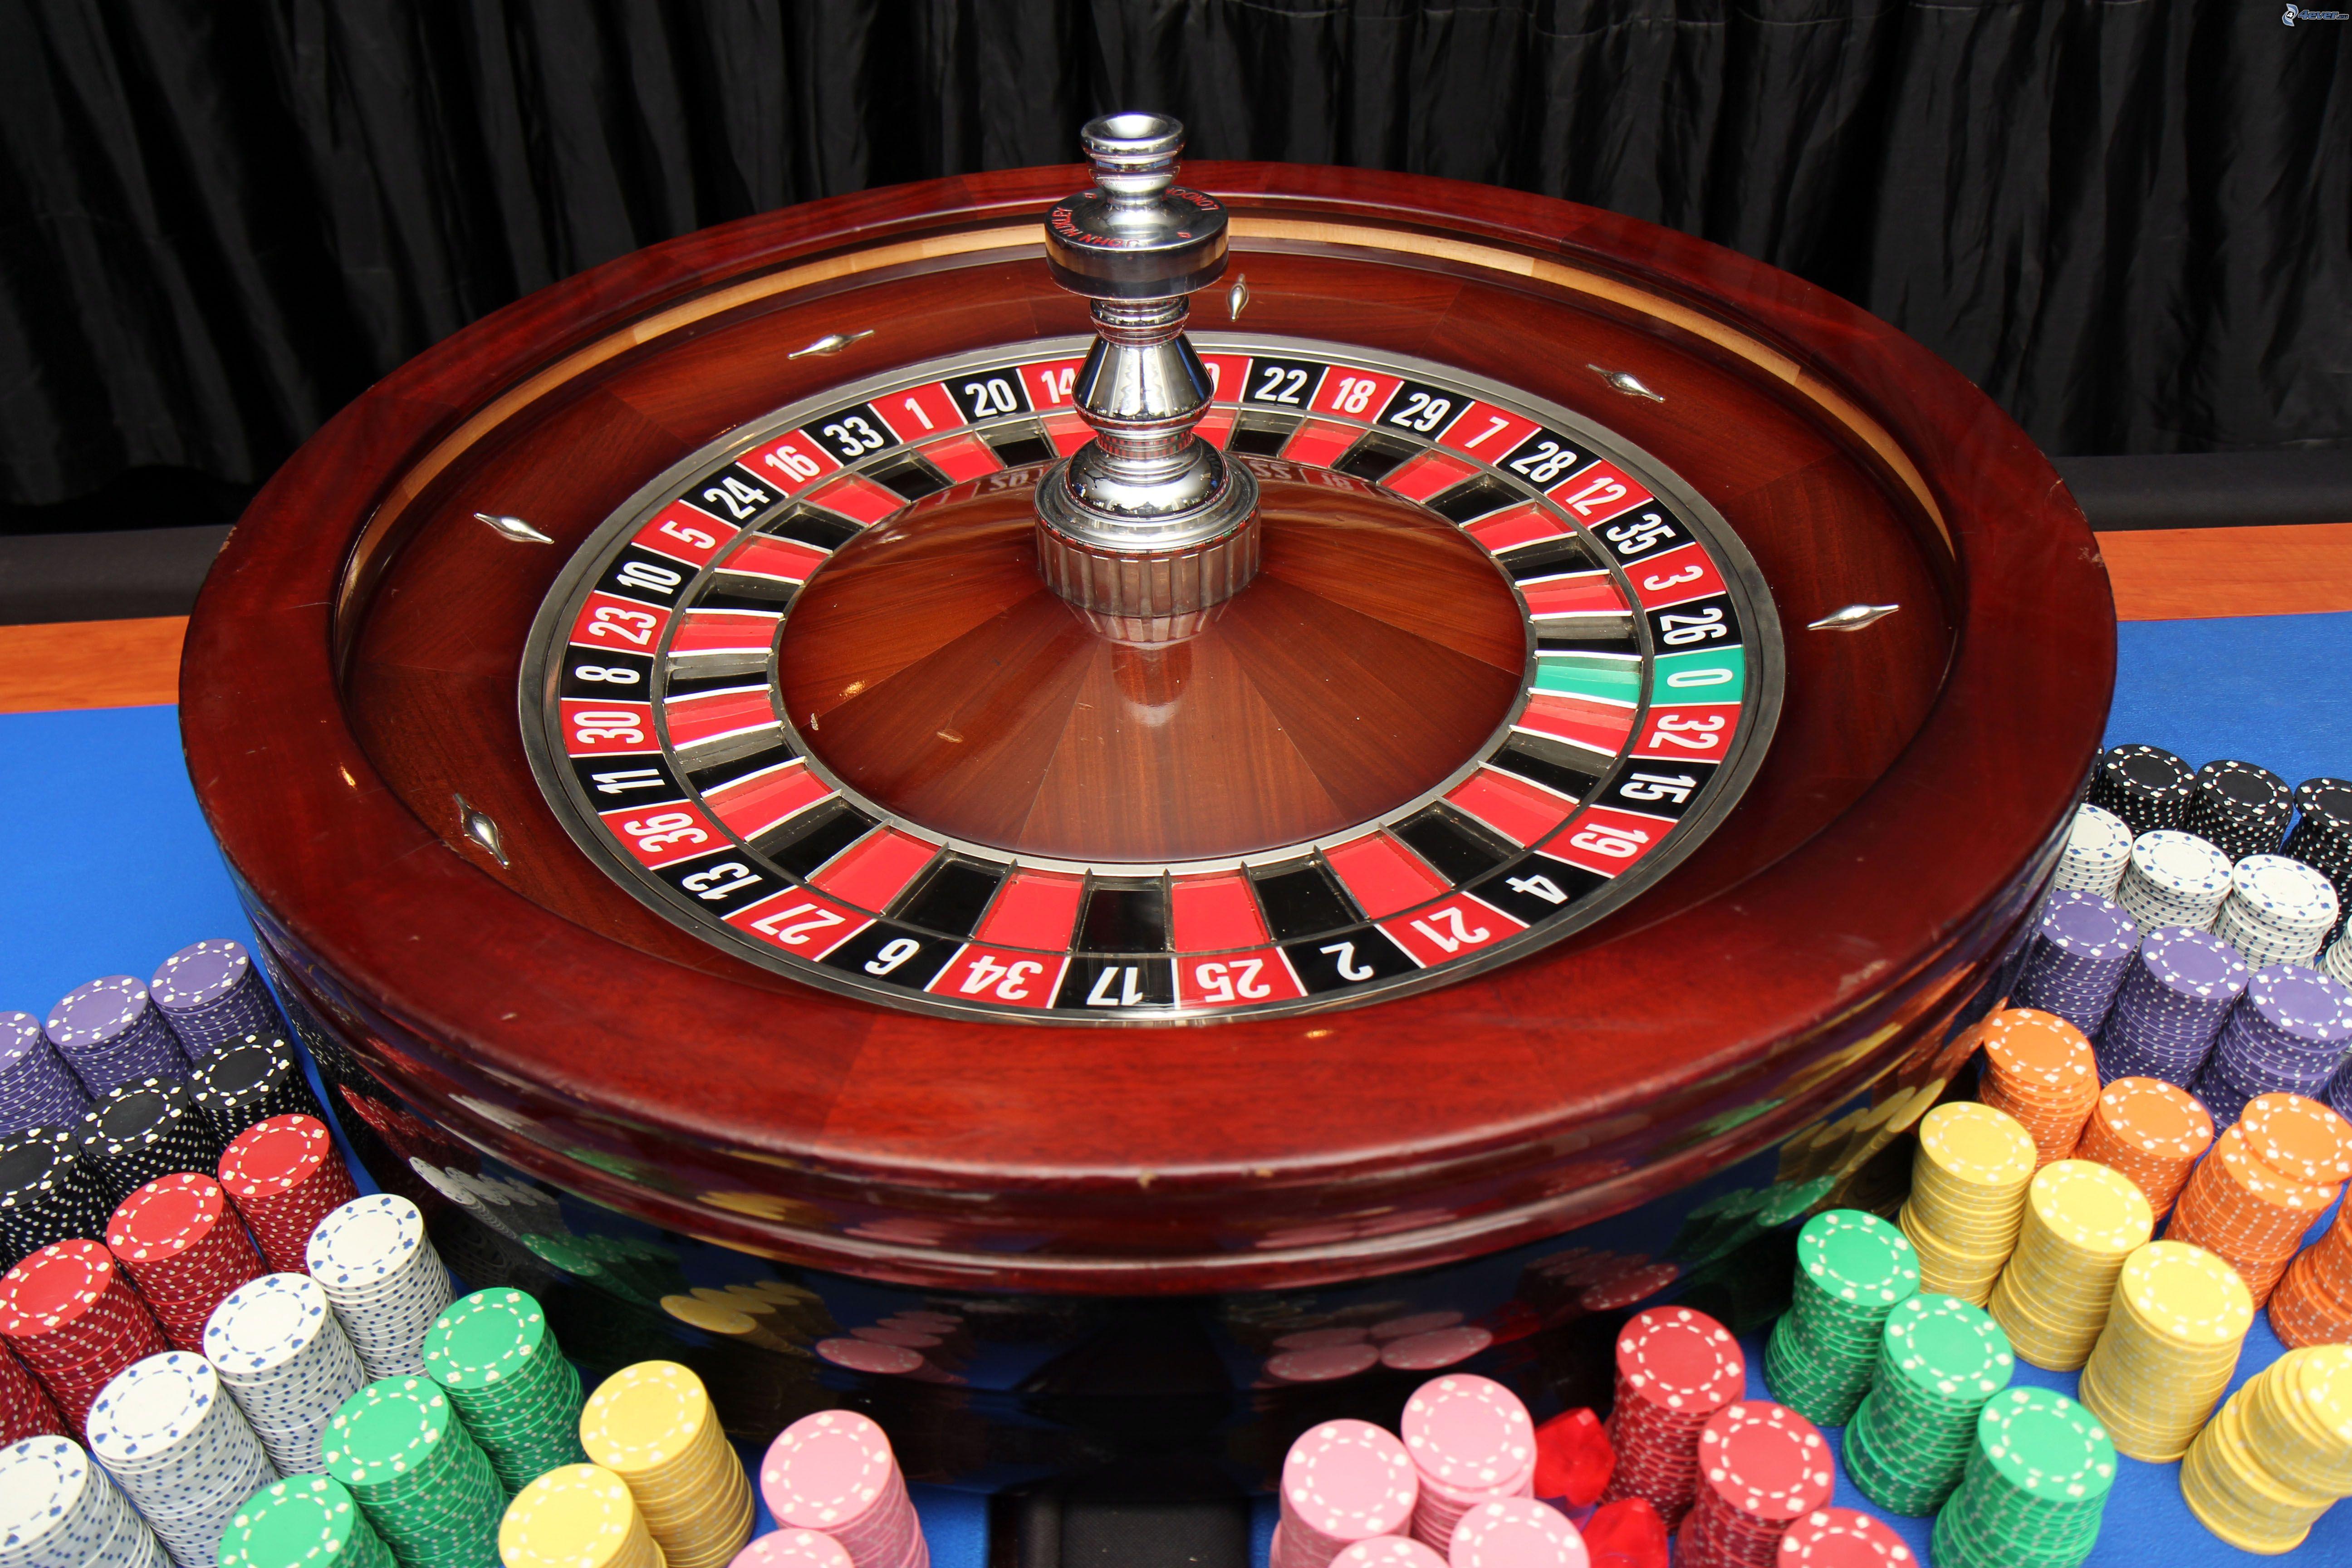 Jetons roulette roulette online no download